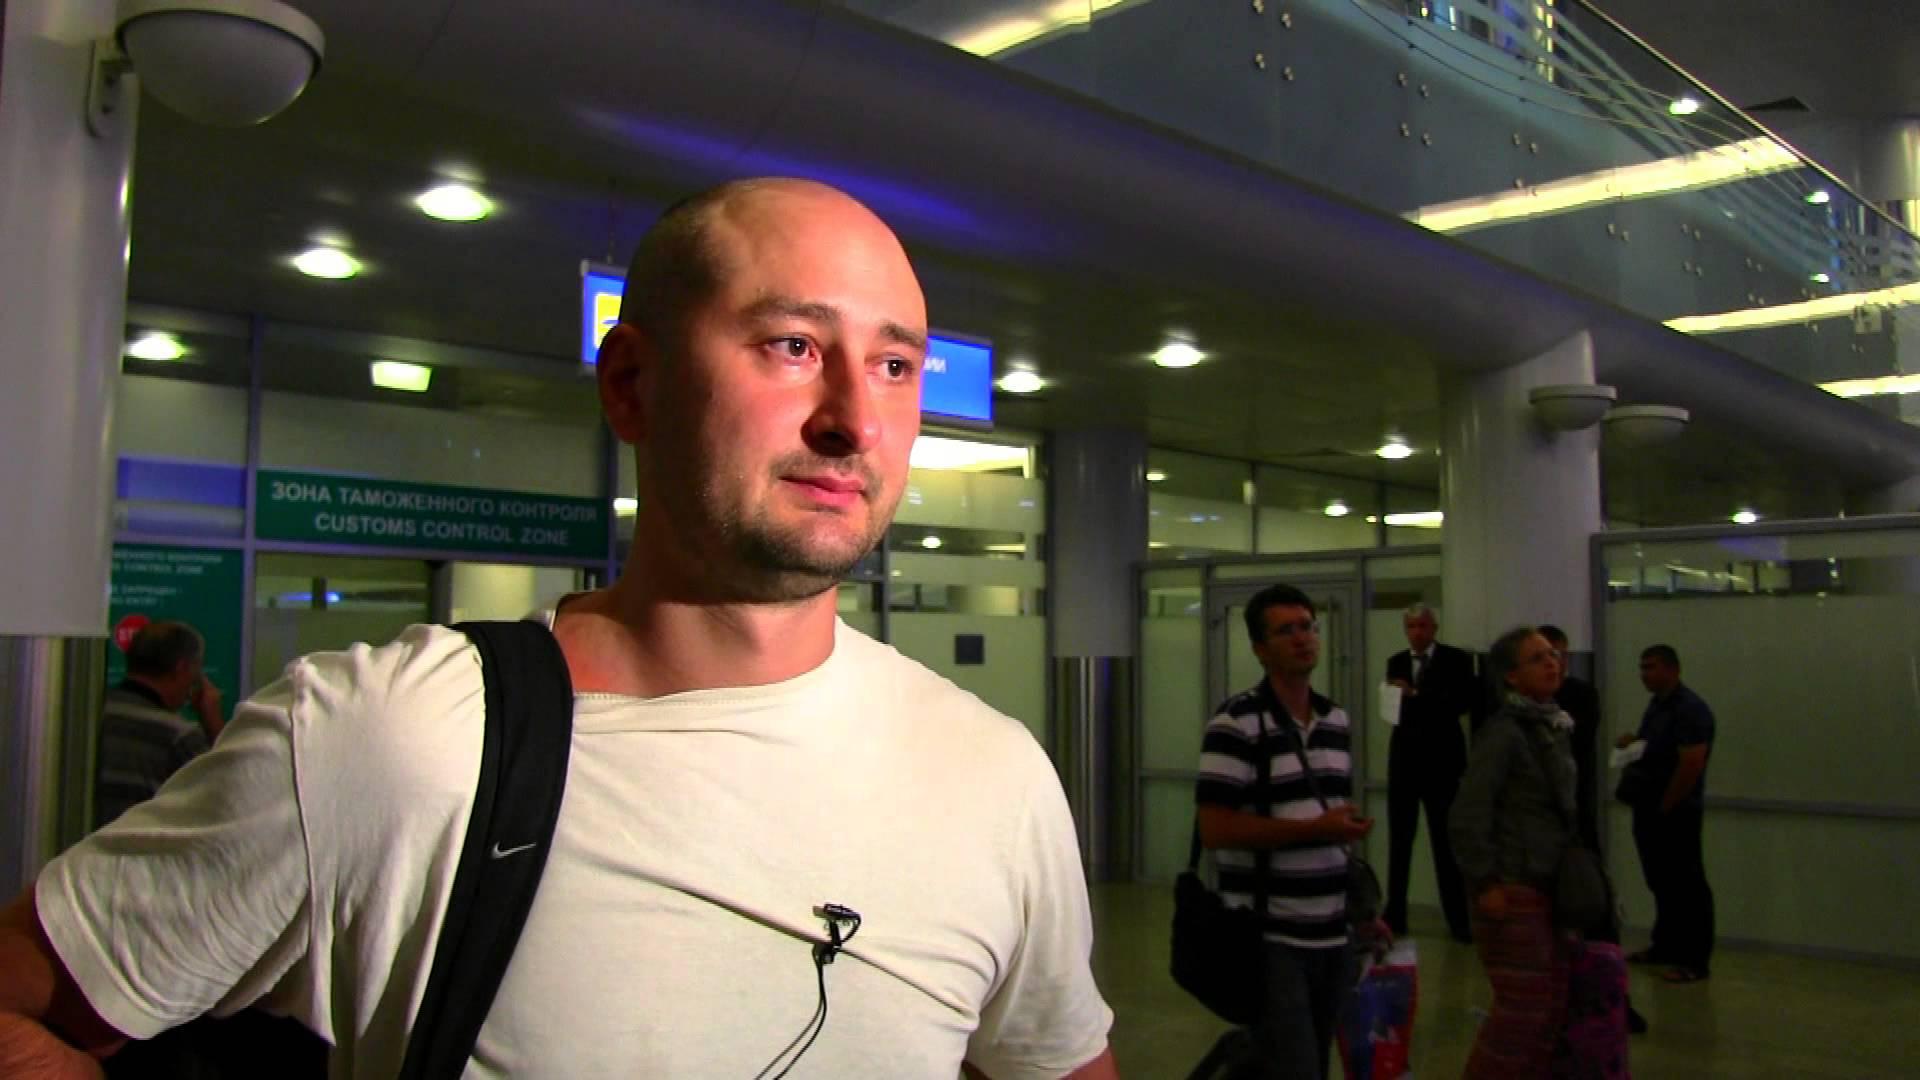 Безграничная скорбь: как Украина отреагировала на убийство журналиста Бабченко (фото)